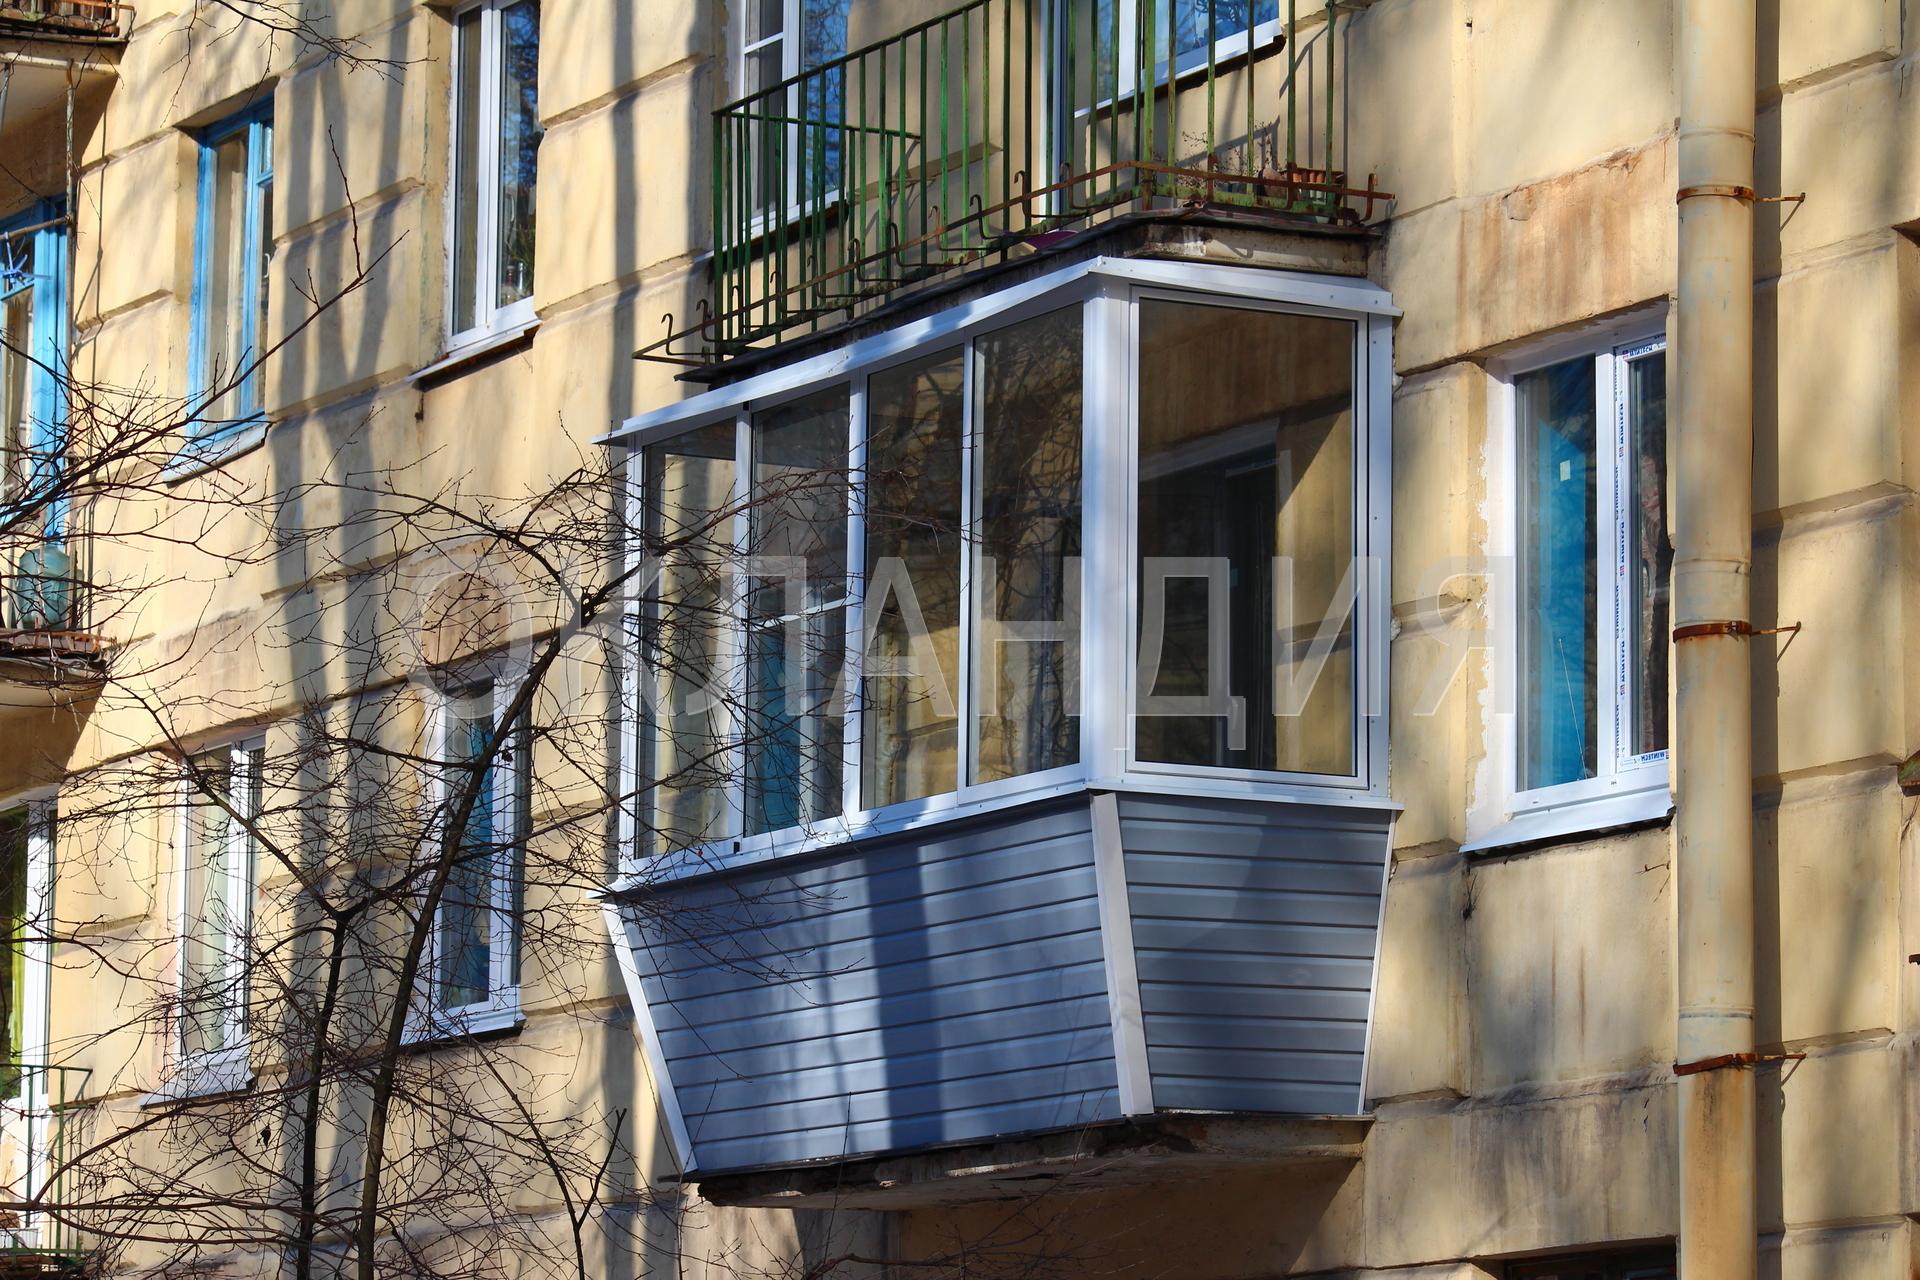 Остекление балкона с выносом алюминиевых рам наружу за перил.